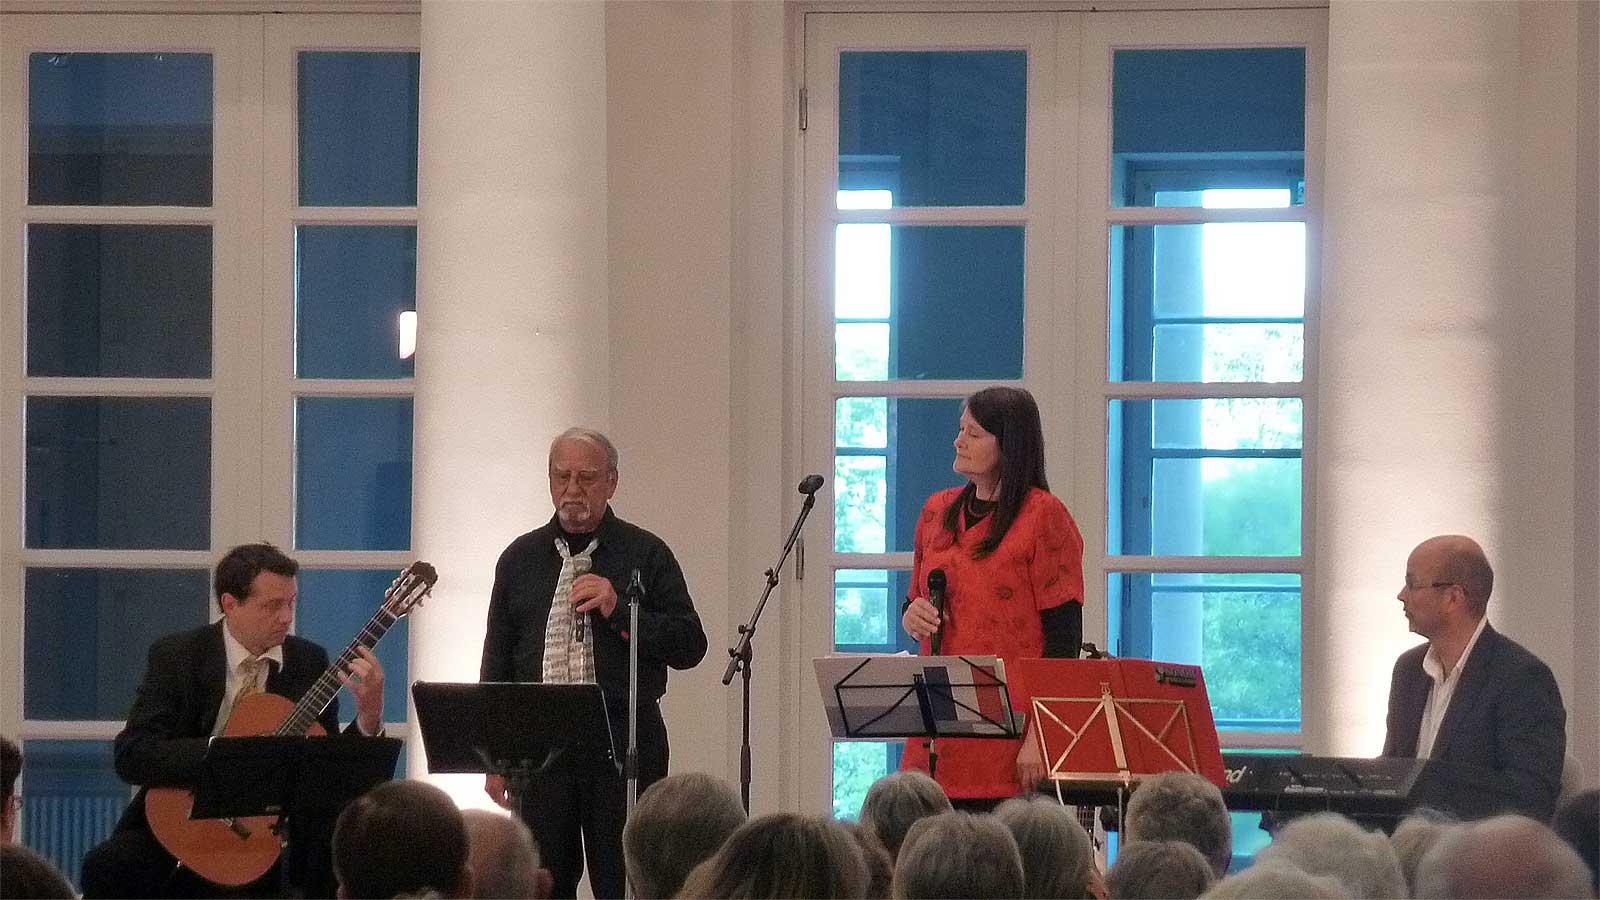 Schloss-Rosenstein-Chanson-Band-Stephane-et-Didier.jpg